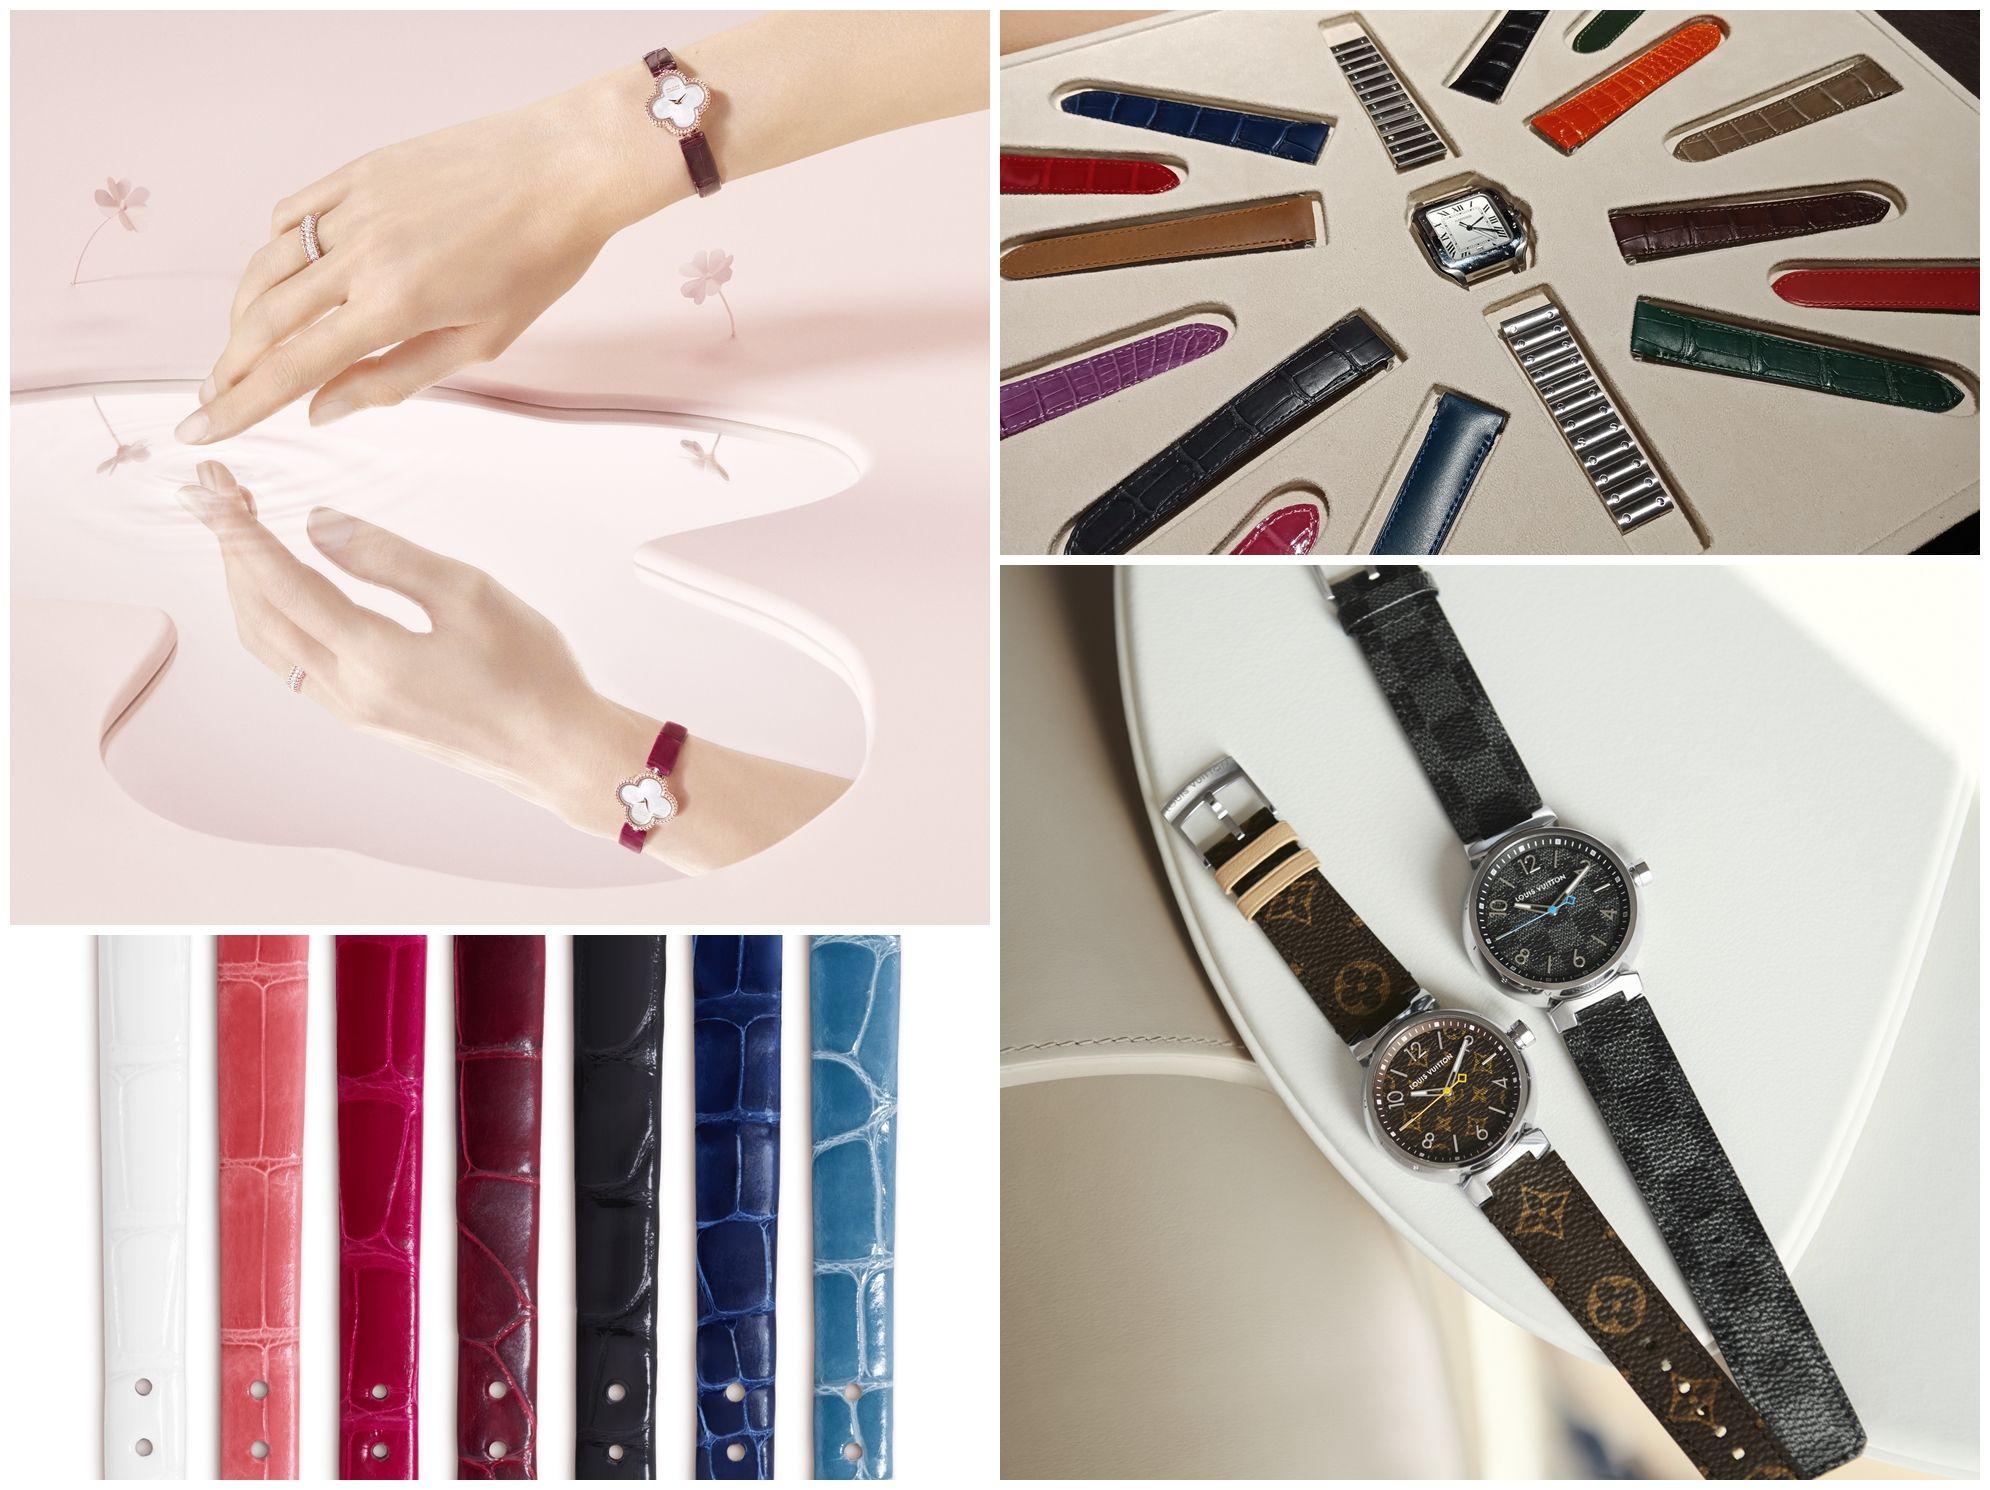 【玩錶日記】一秒搞定!你一定要知道的腕錶「快拆」關鍵字,讓你天天時髦風格不斷線